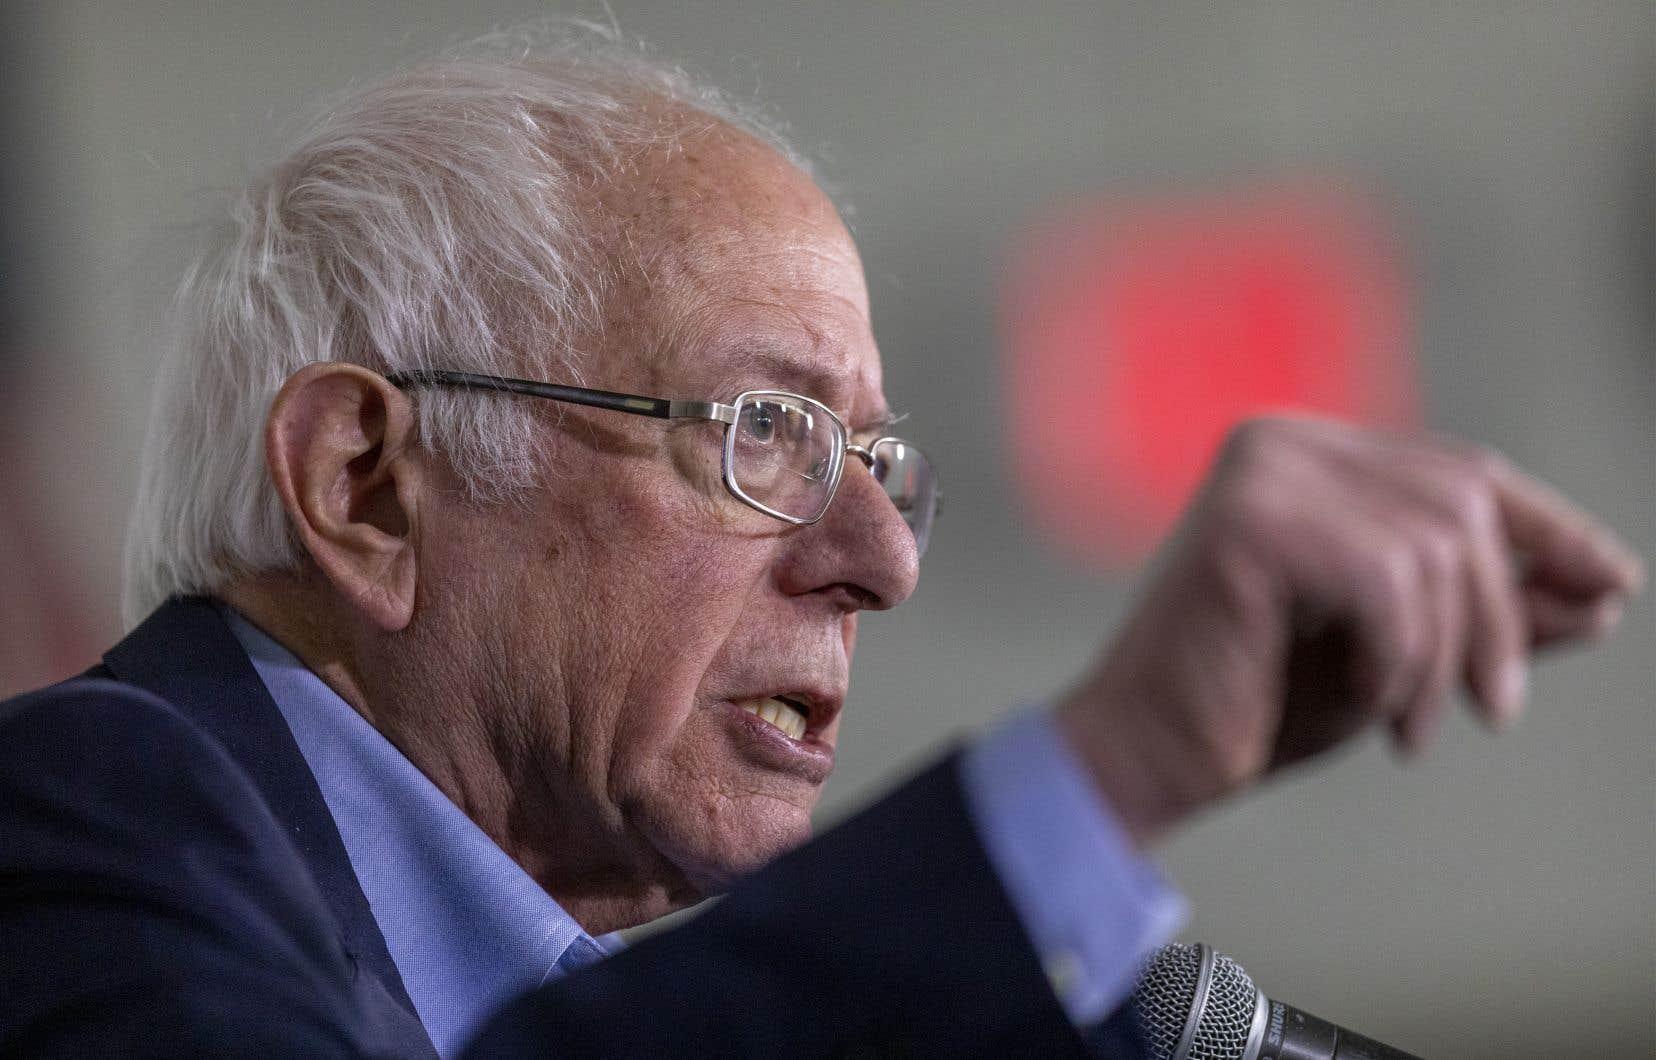 Le sénateur Bernie Sanders a assuré «ne pas considérer Vladimir Poutine comme un bon ami, contrairement à Donald Trump».